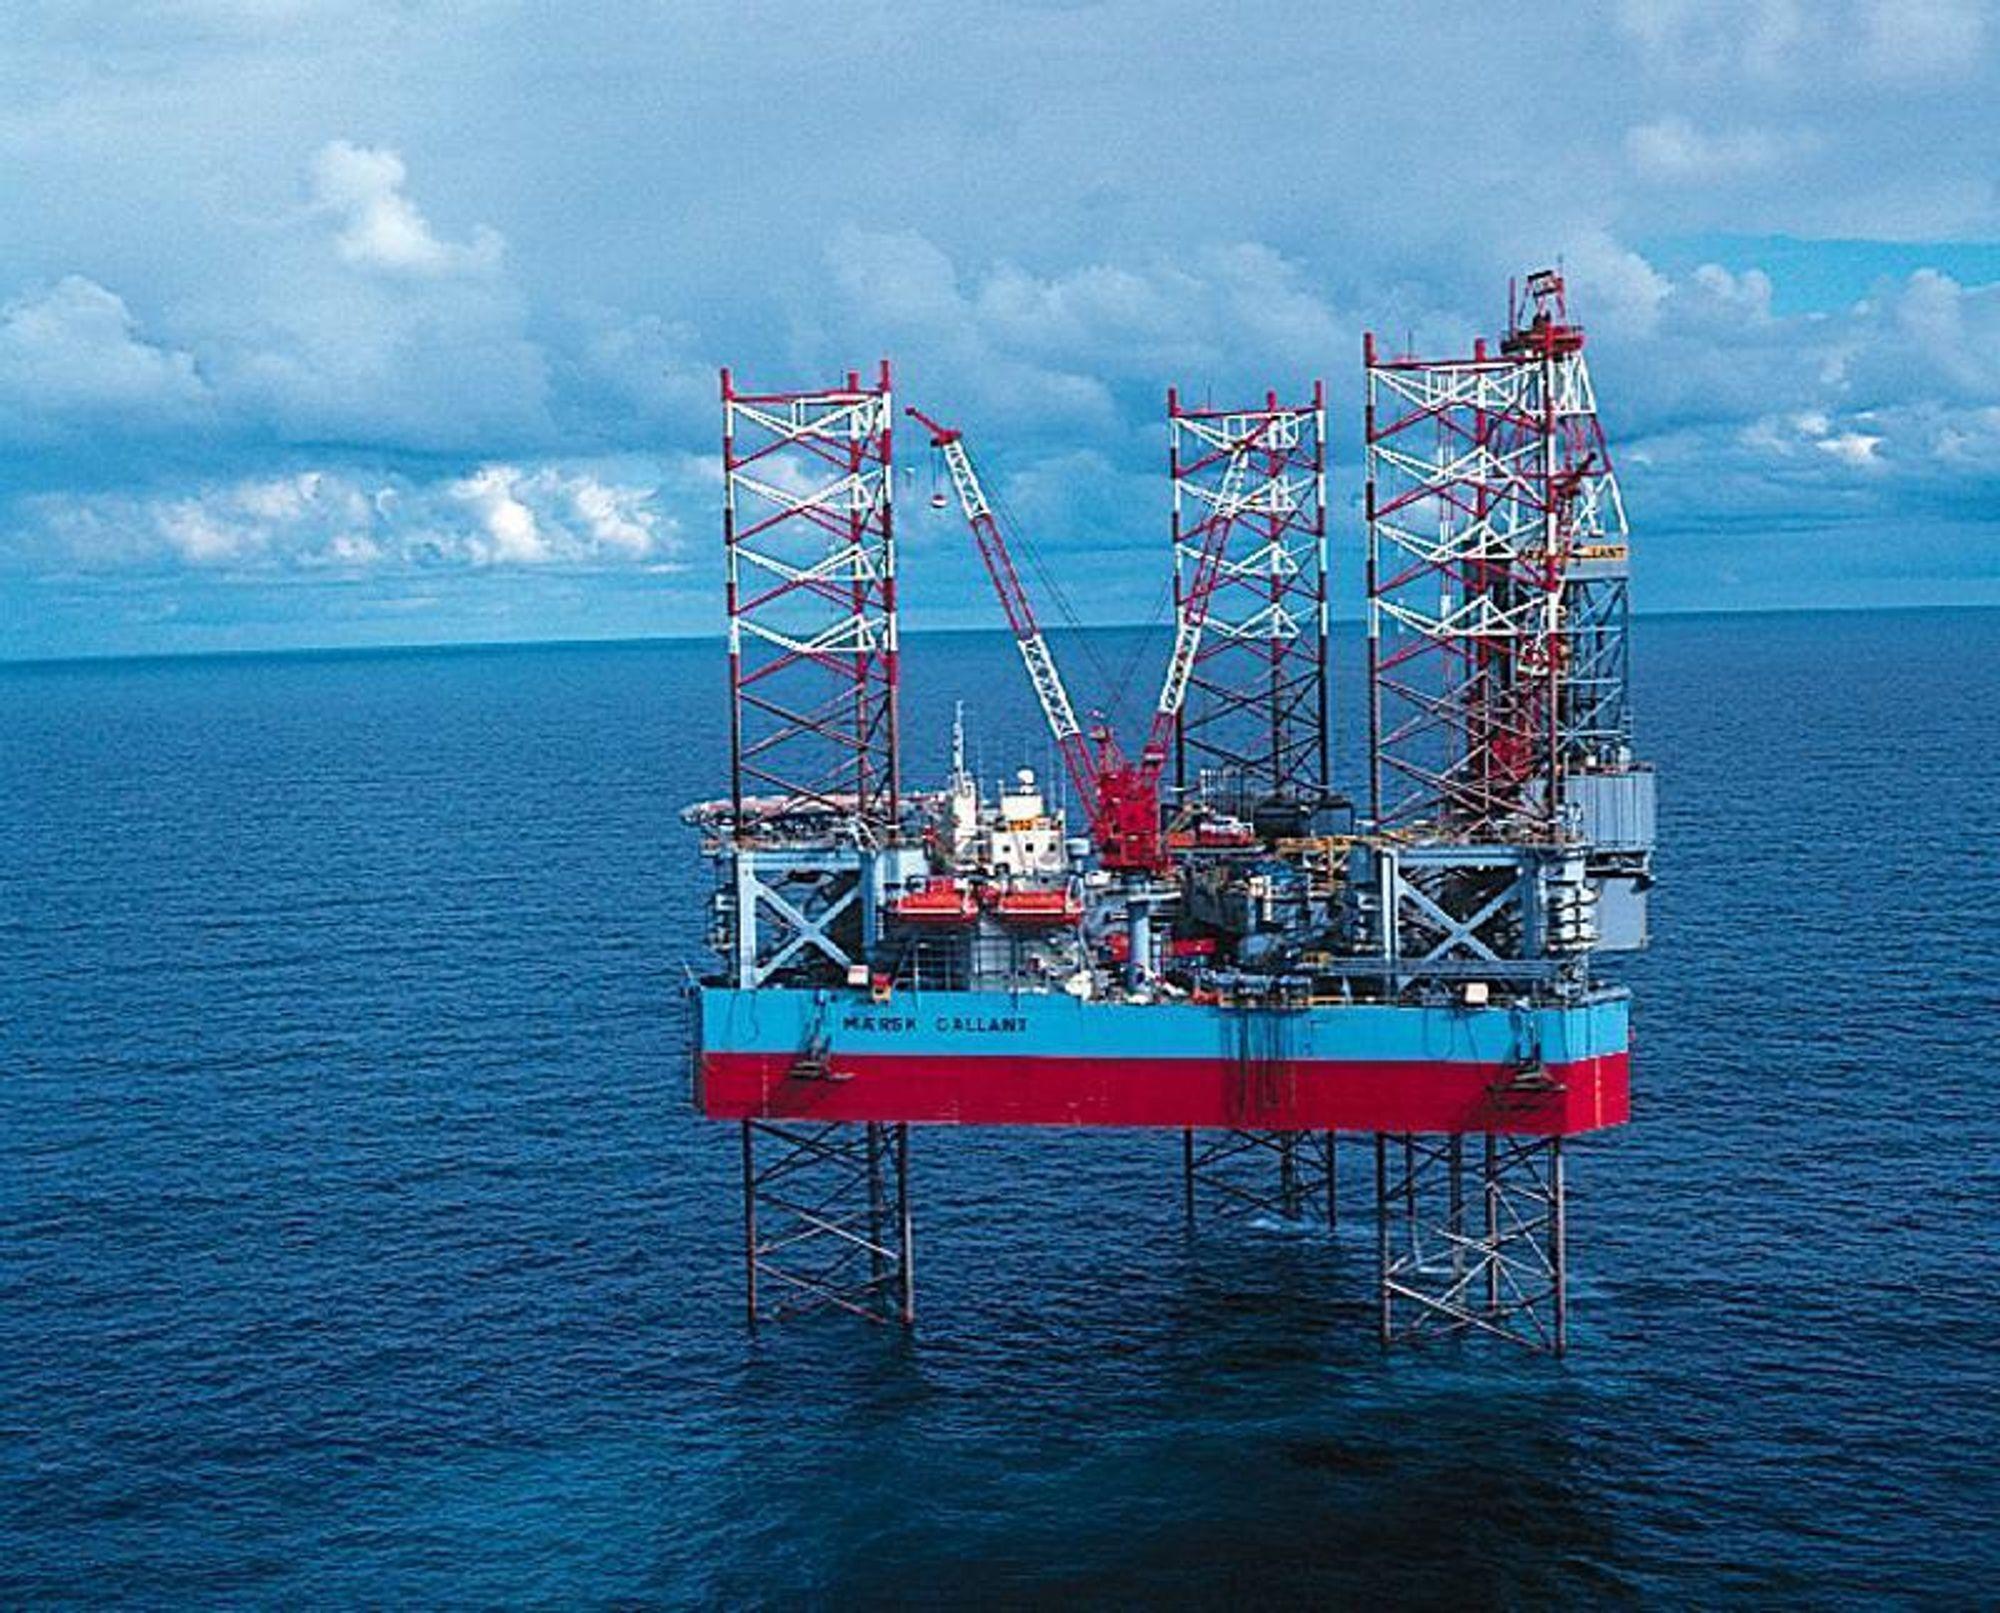 Ledelsen på en av de største plattformene til Mærsk i Nordsjøen presser ansatte til å fuske med prøver til beregning av giftutslipp. Illustrasjonsfoto av Mærsk Galant.